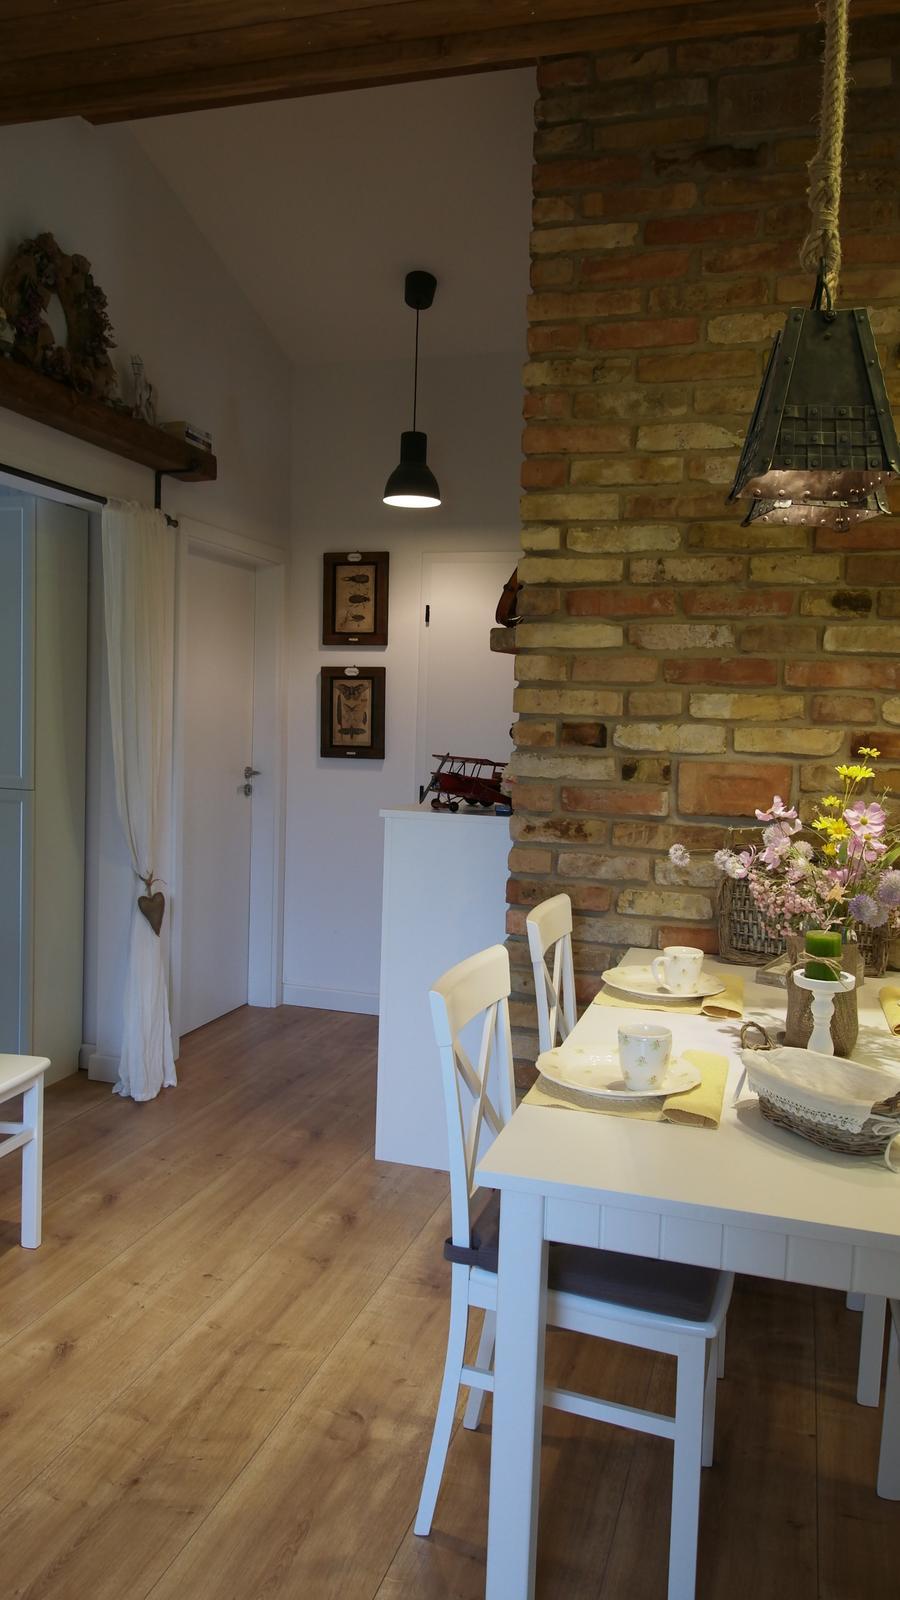 Náš domček ♡ Bramasole ♡ ... Stilo interiér aj exteriér 3. rok bývania - Obrázok č. 25